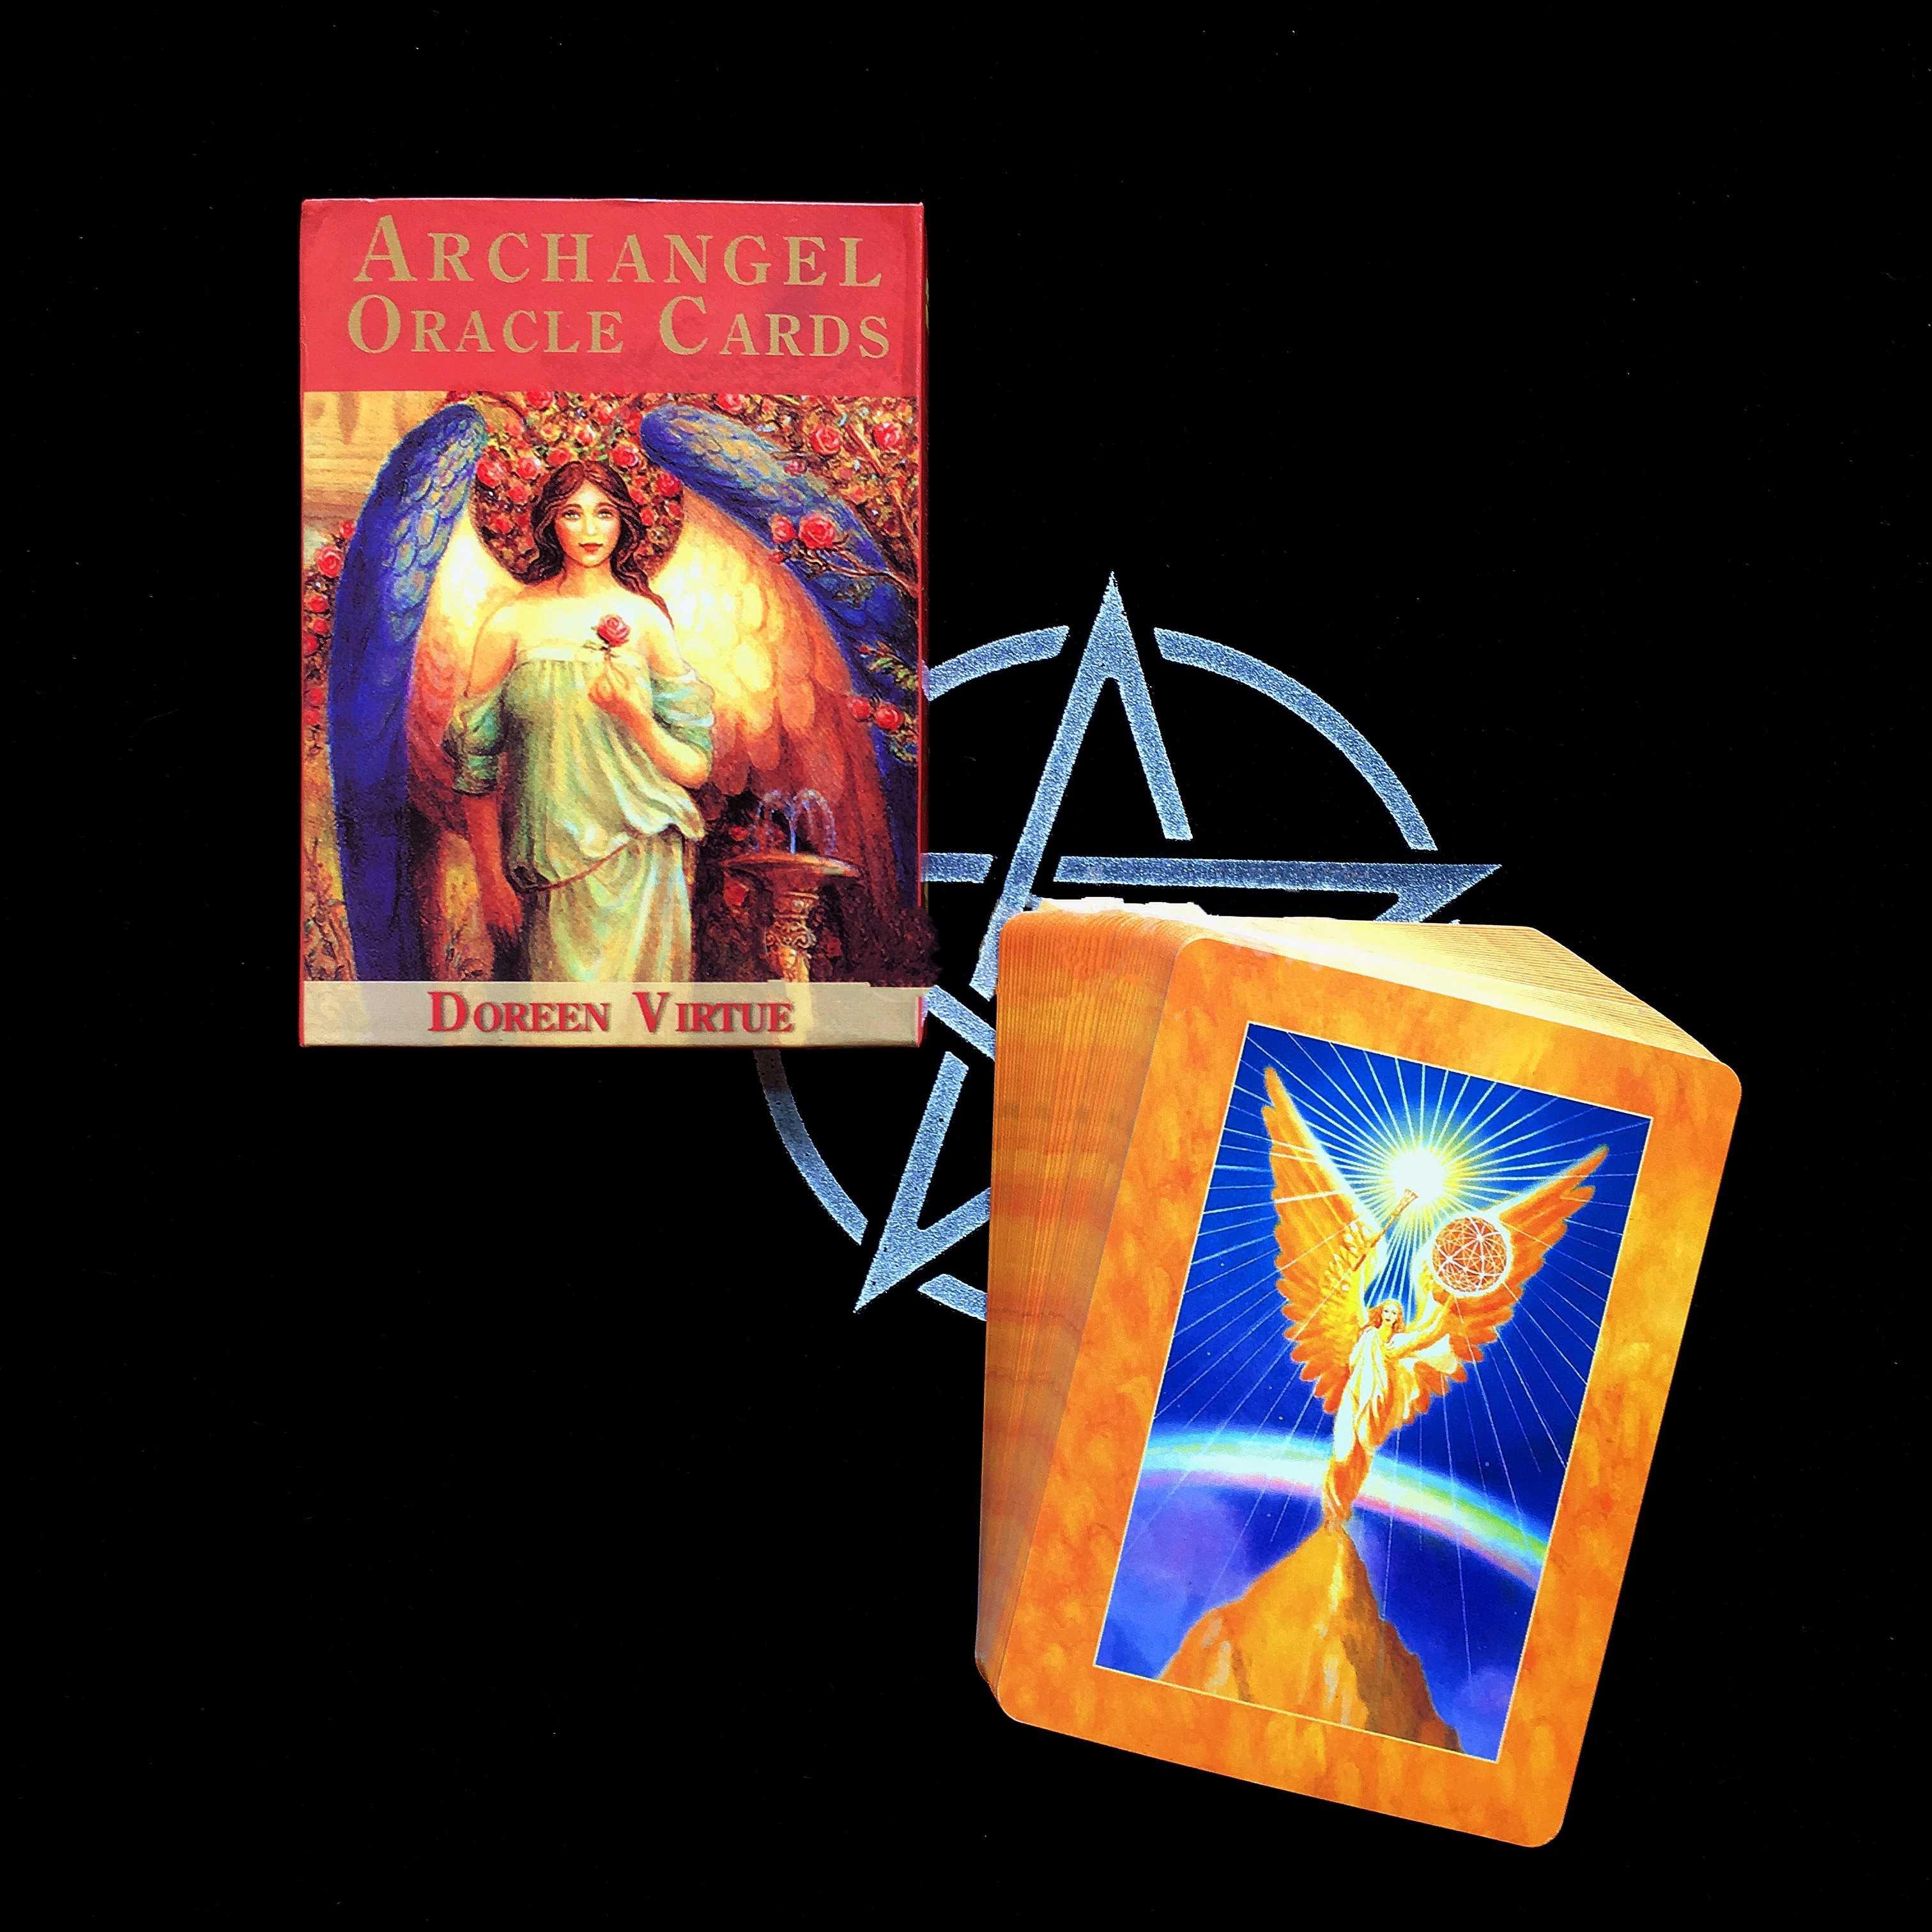 大天使 Oracle カードタロットデッキカードフォーチュン神話運命占い読み取るゲーム 45-カード